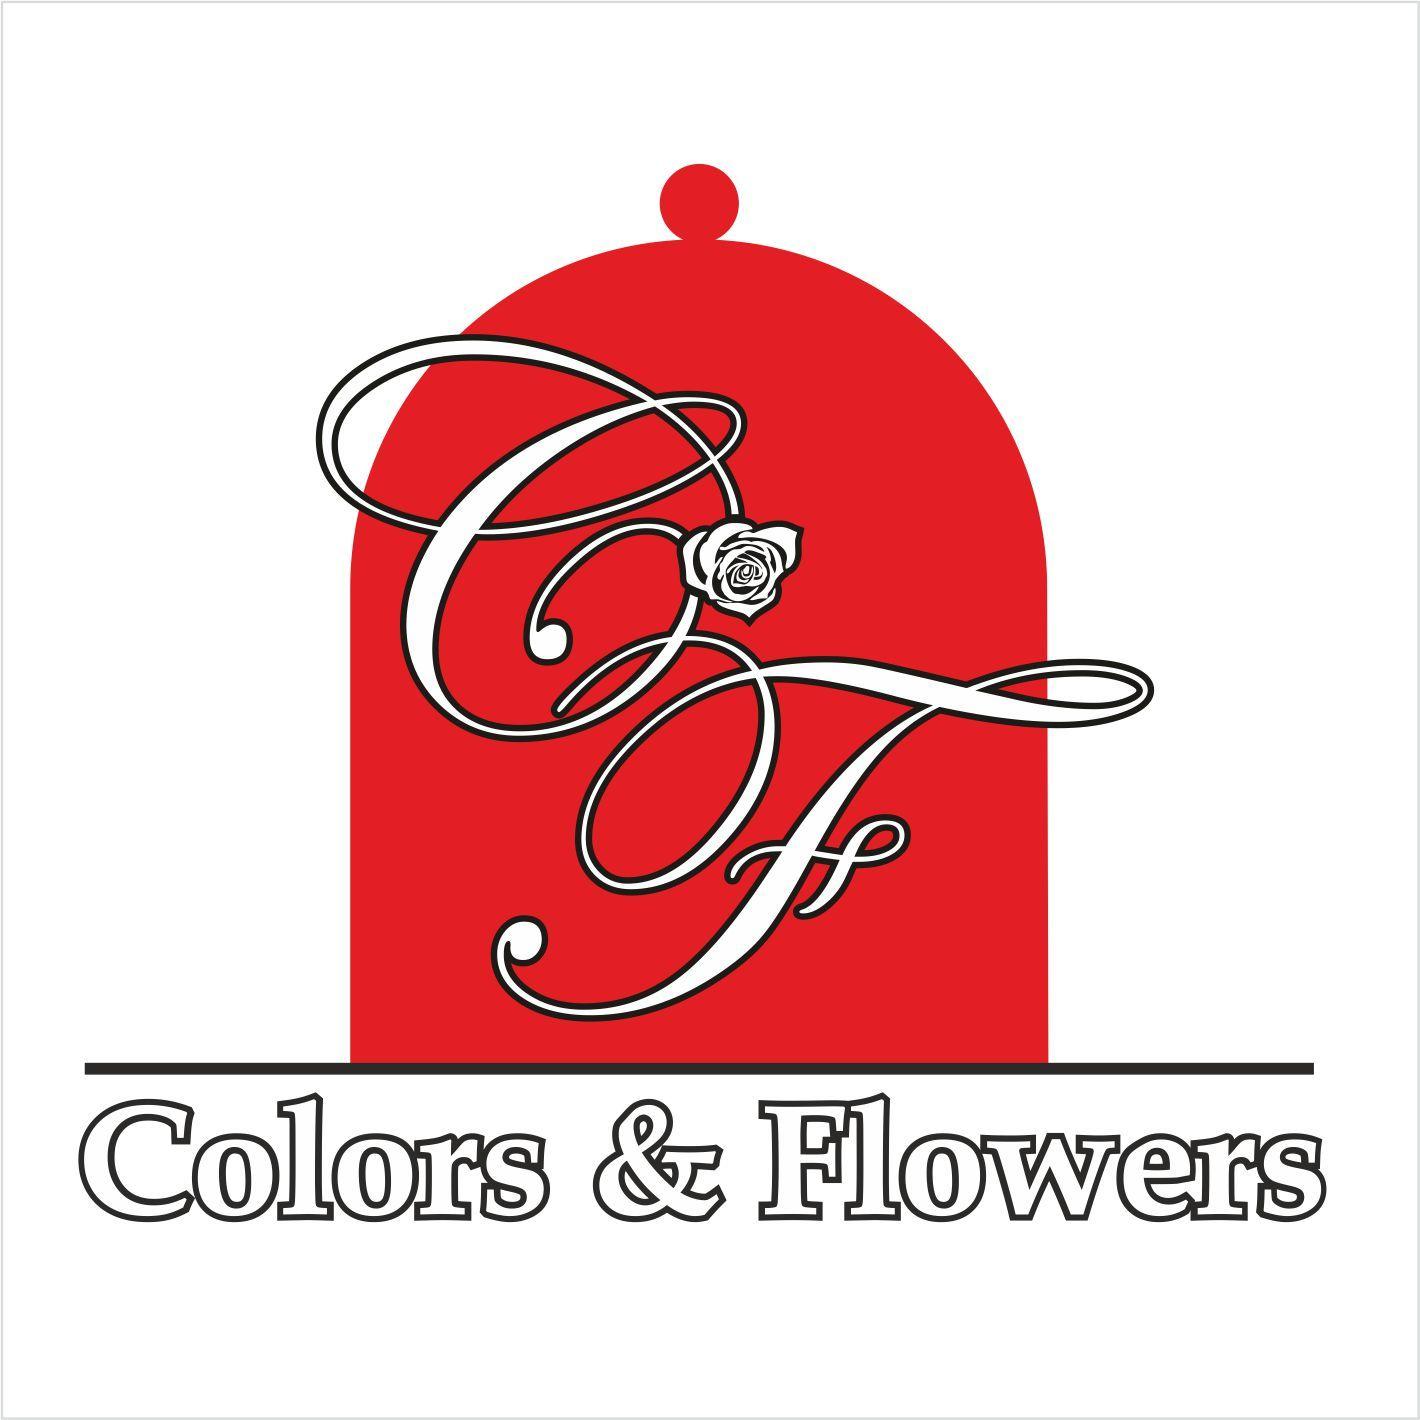 Colors & Flowers Логотип и фирменный стиль - дизайнер PukavskyyR